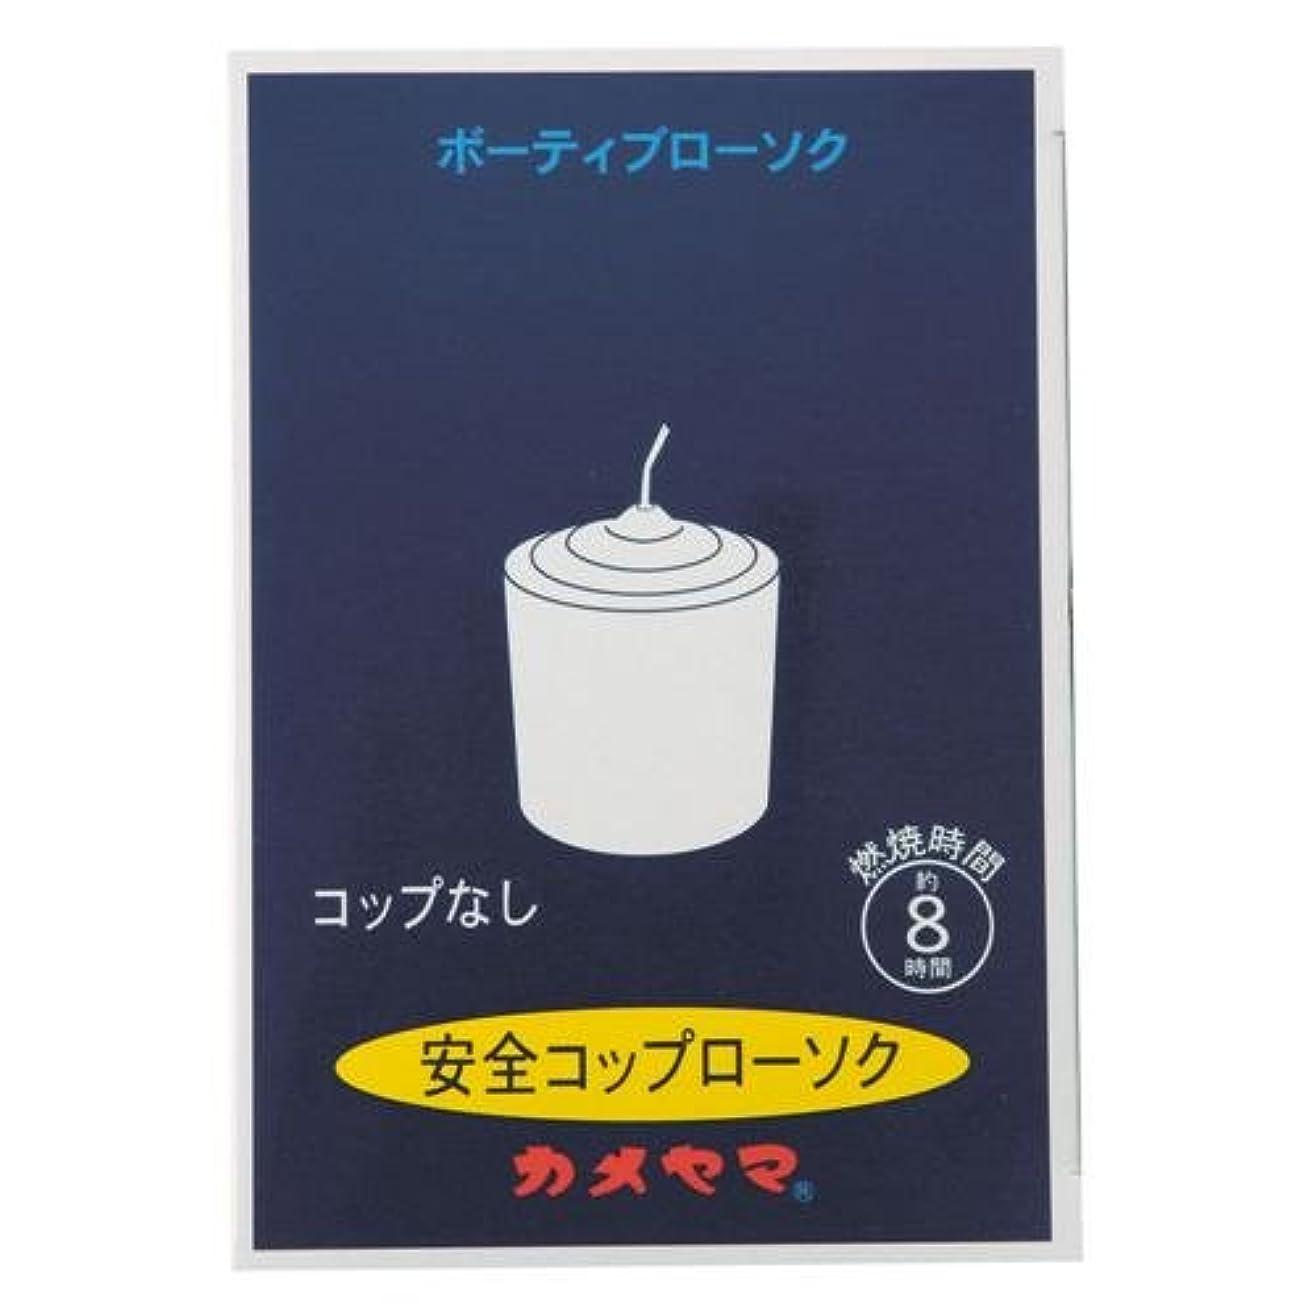 配管レモン稼ぐ安全コップローソク コップなし 6個入